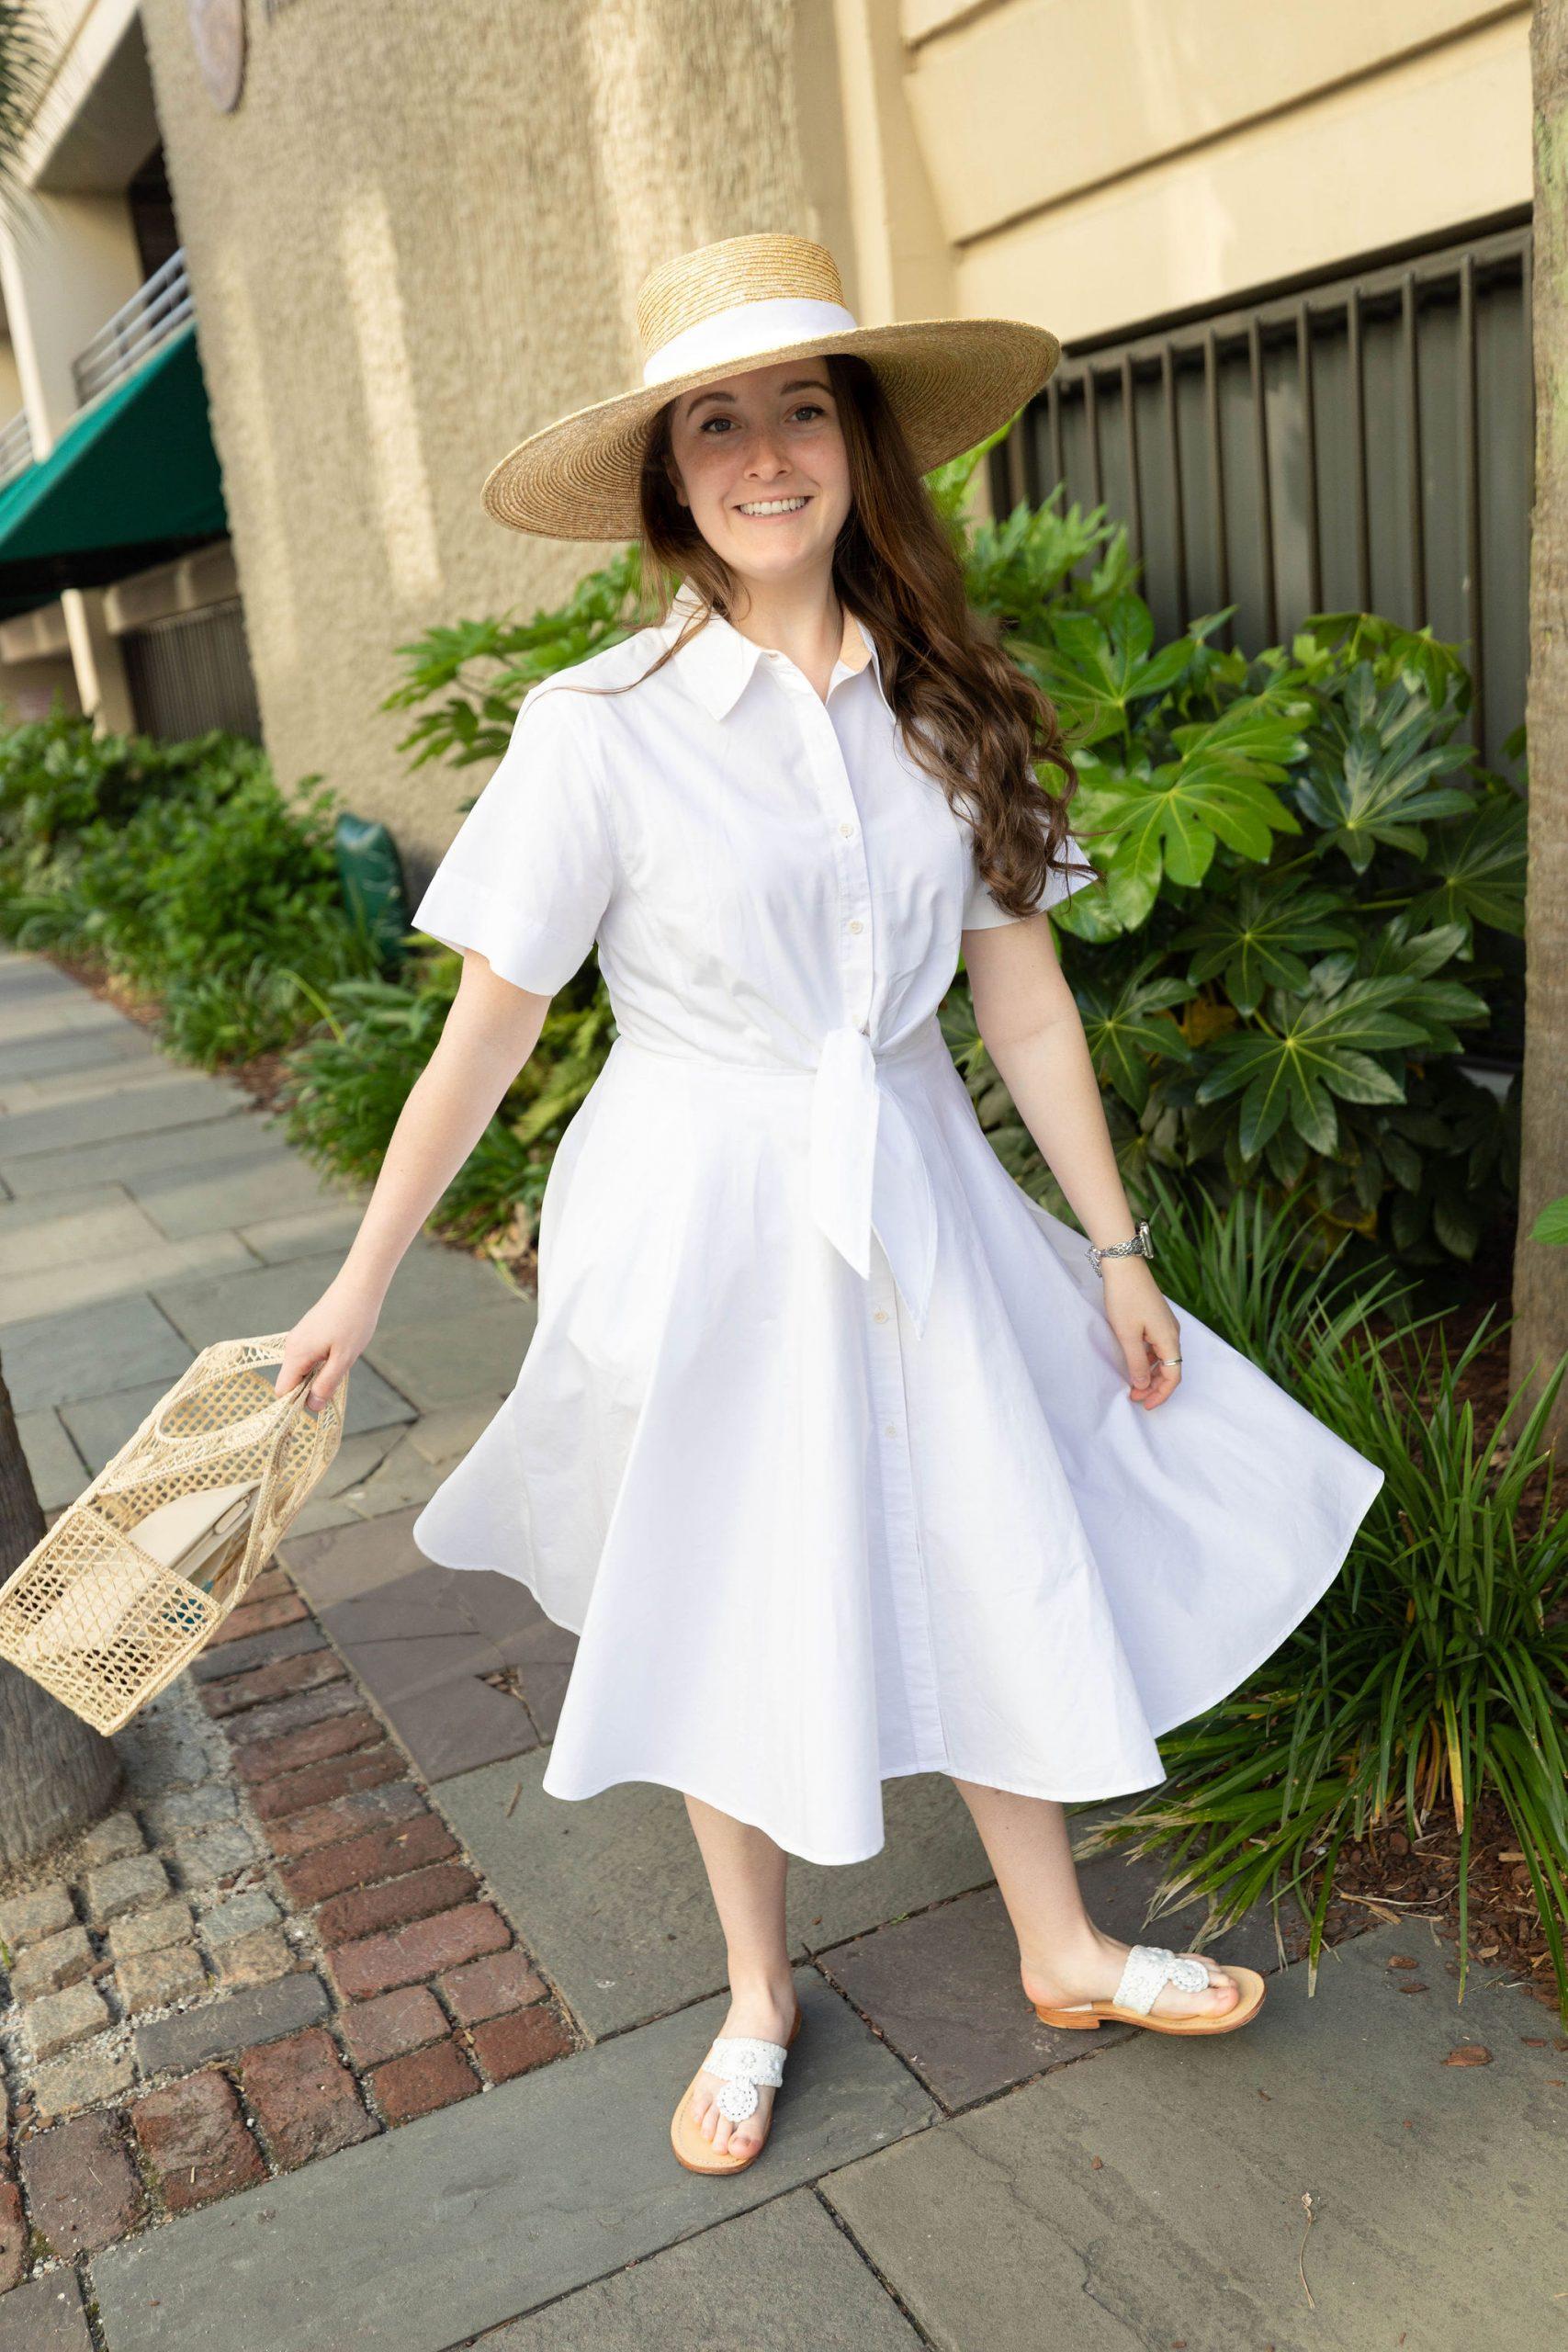 Diane von Furstenberg White Tie Waist Shirt Dress in Charleston Styled by Luxury Lifestyle Writer Annie Fairfax